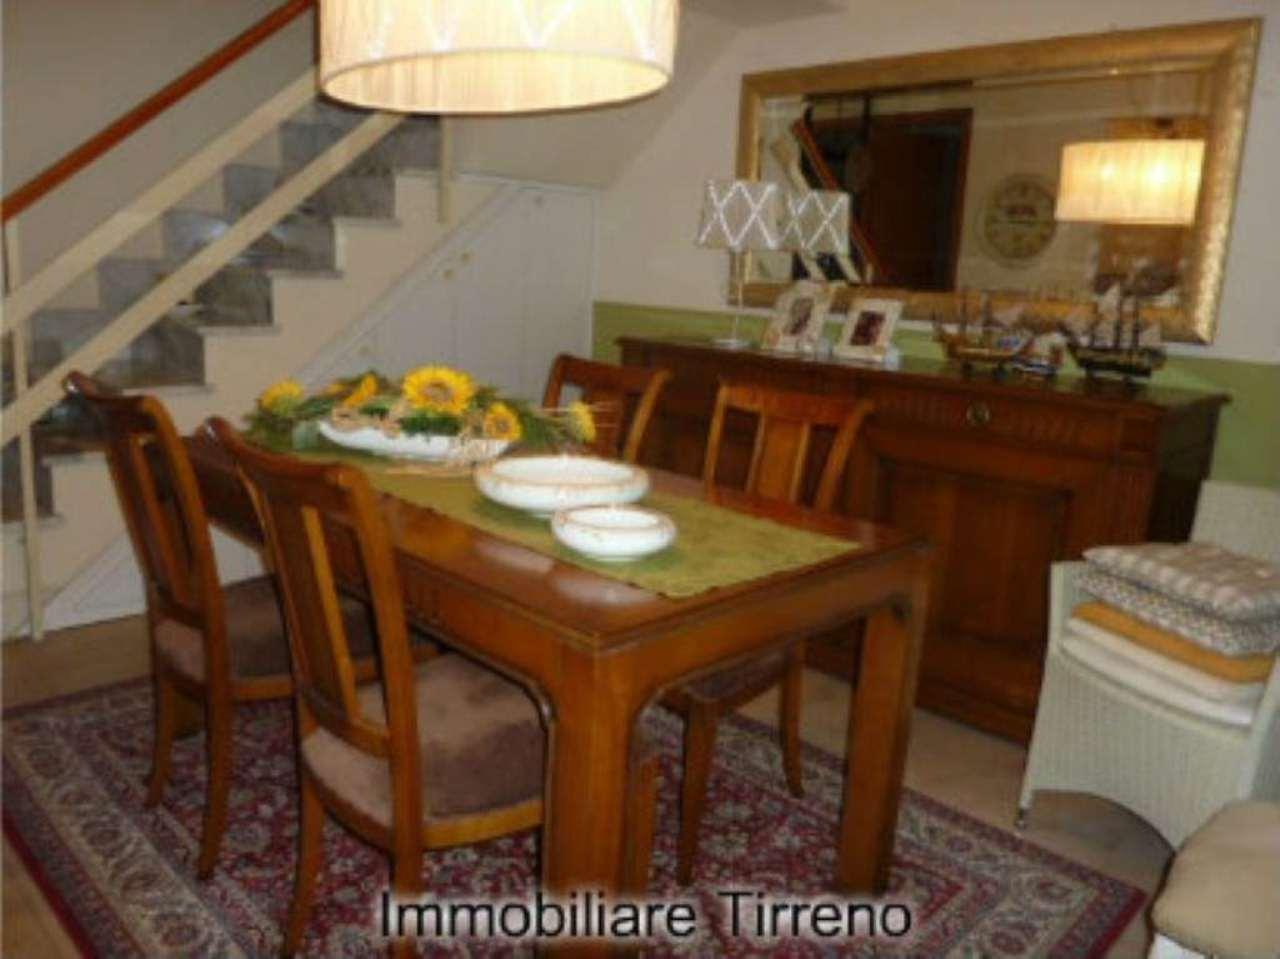 Palazzo / Stabile in vendita a Massa, 5 locali, prezzo € 280.000 | Cambio Casa.it